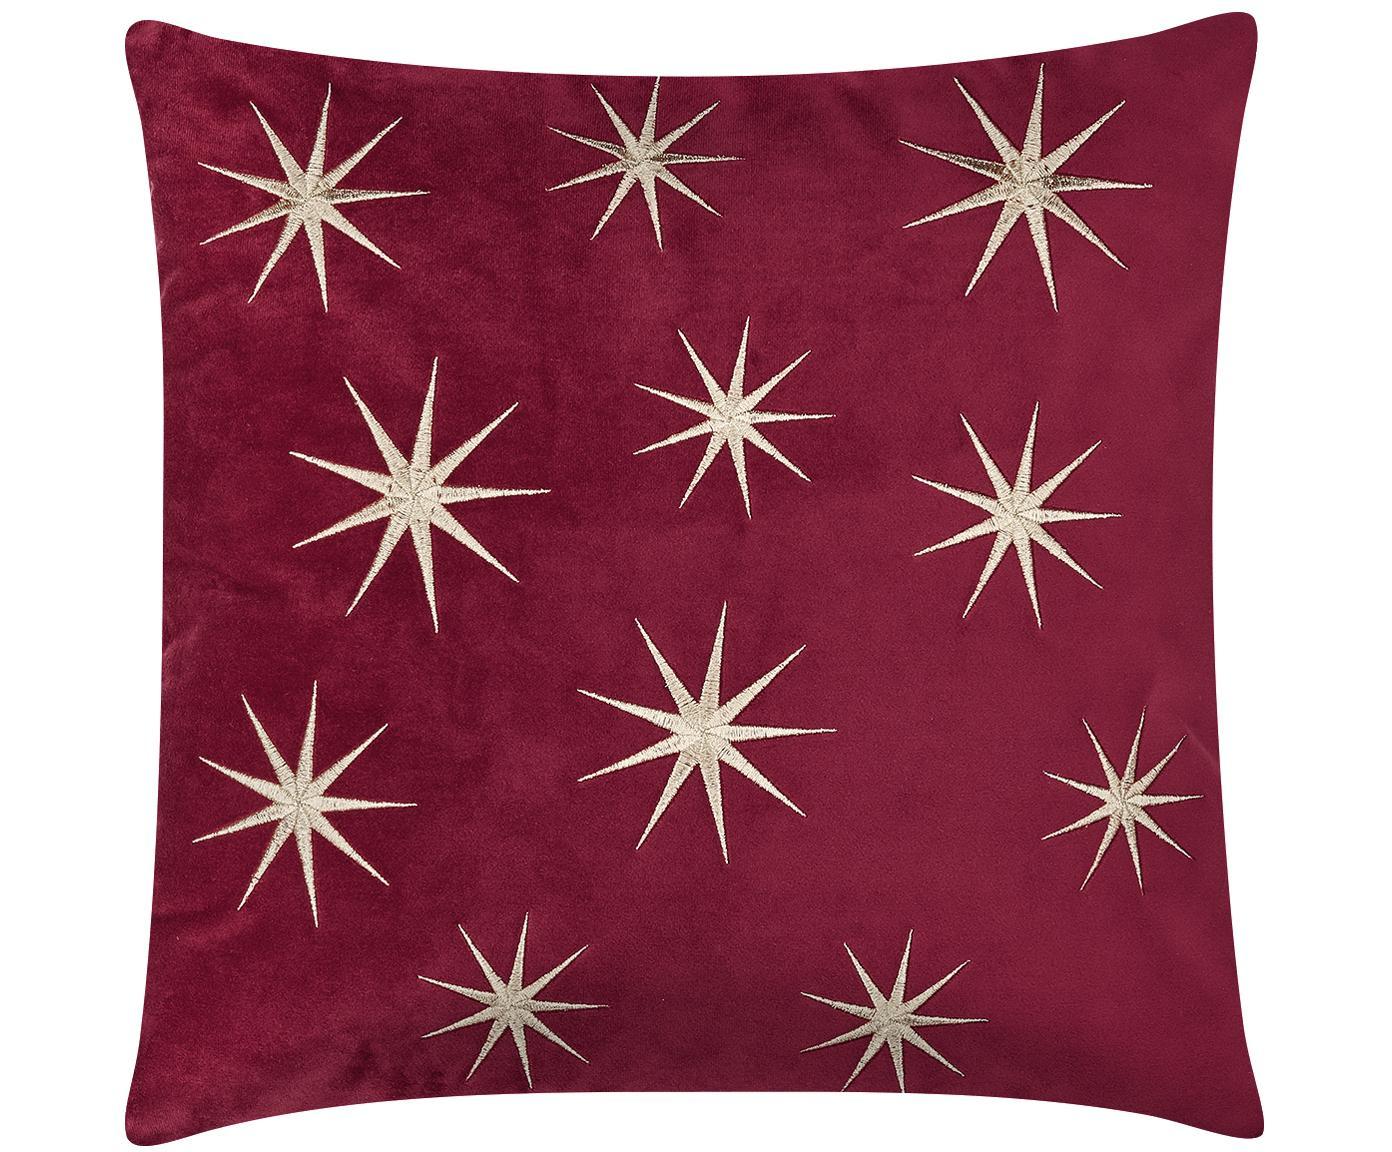 Bestickte Samt-Kissenhülle Stars mit winterlichen Sternenmotiven, Rot, 45 x 45 cm